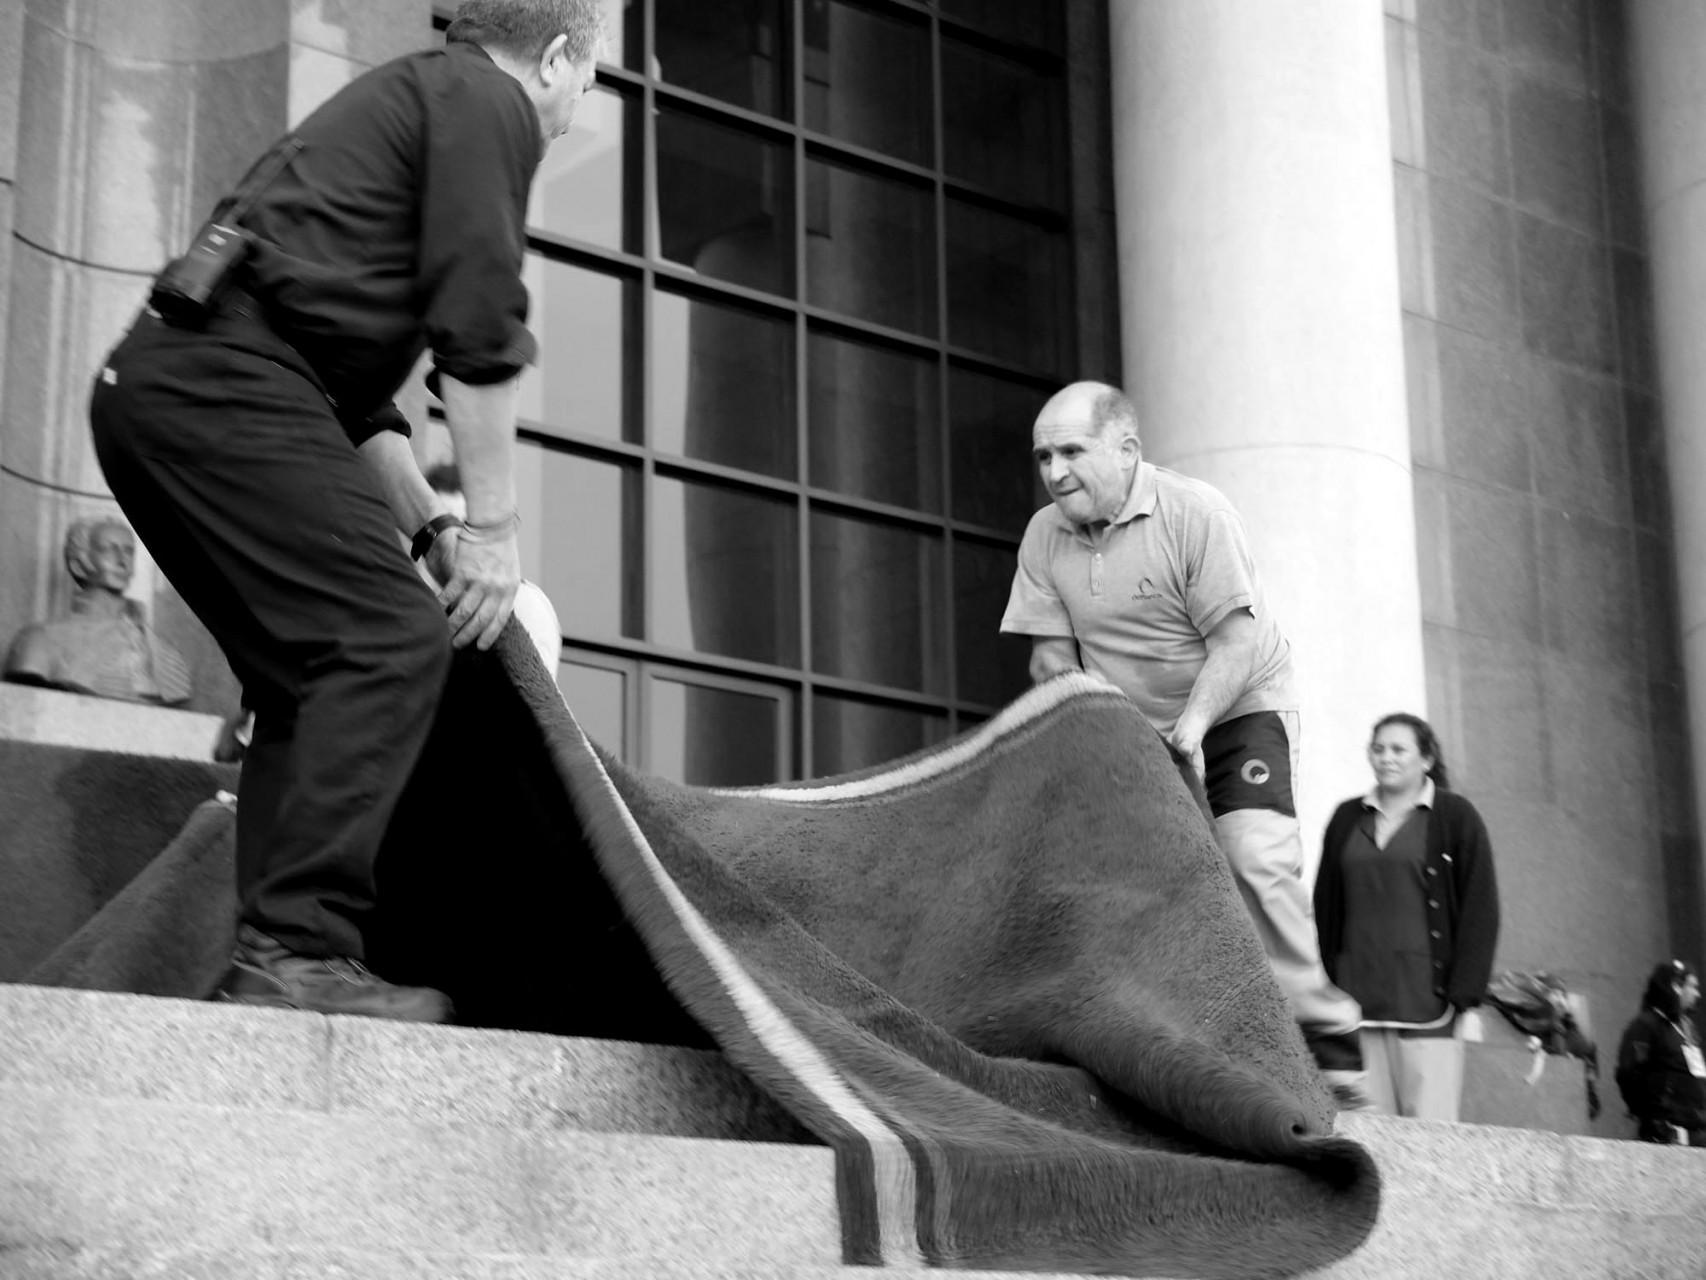 Se enrolla la alfombra roja hasta la próxima celebración, a la que tampoco serán invitados los ciudadanos comunes y corrientes de Valparaíso.